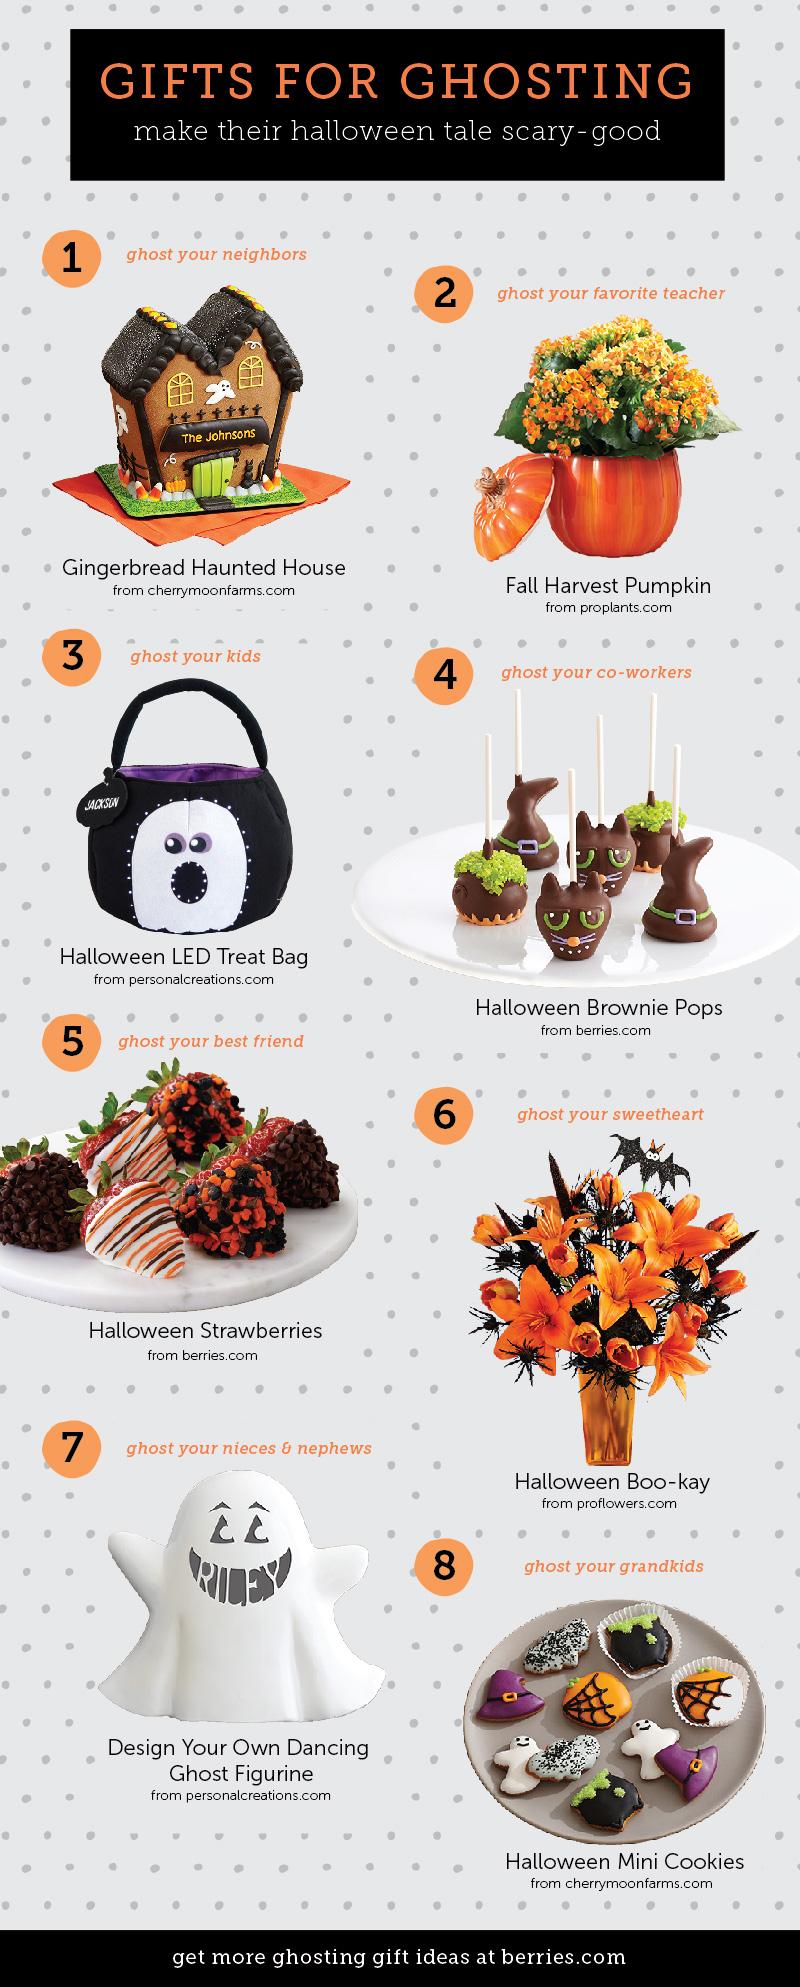 Halloween Ghosting Guide